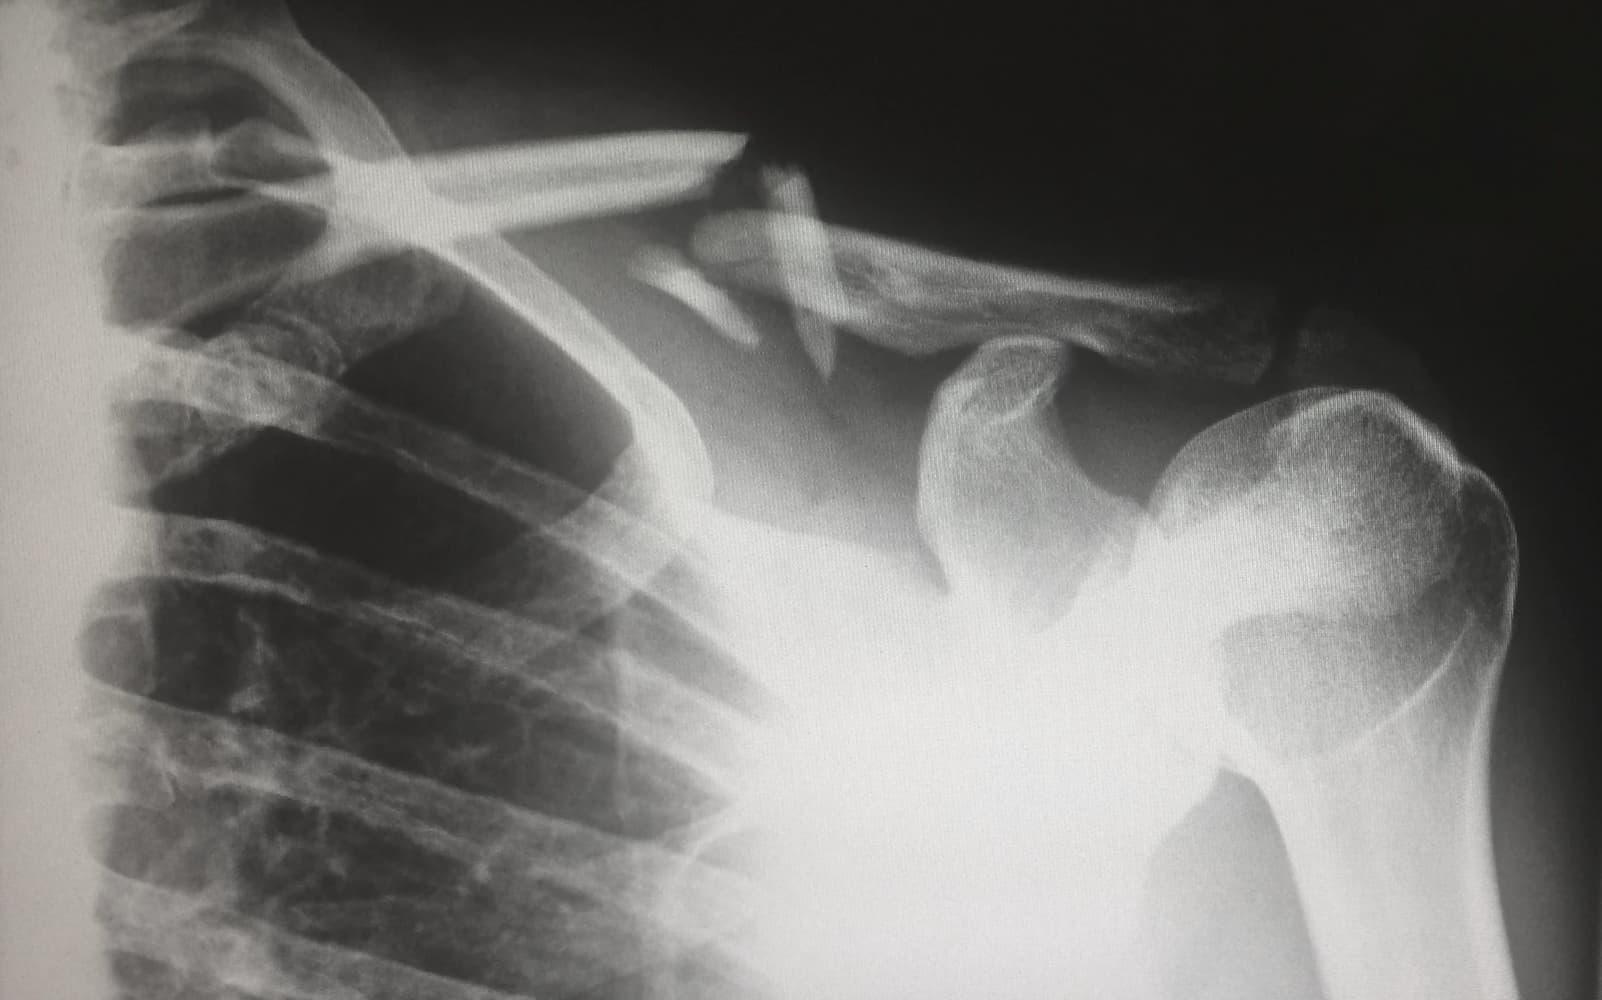 Bone fractures and broken bone